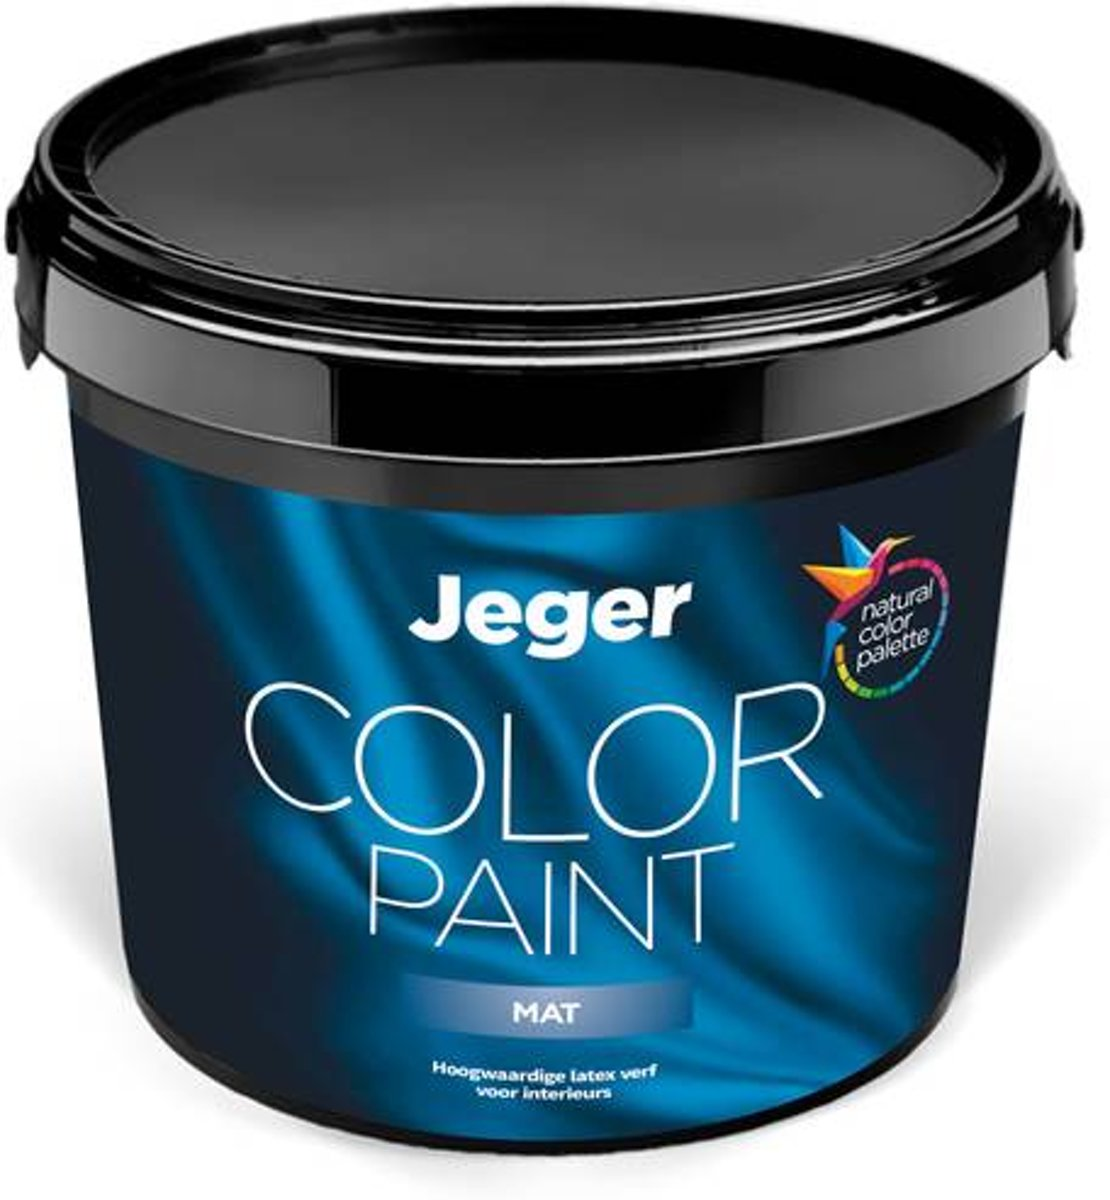 Jeger muurverf Mat voor binnen | 5 liter | Kleur Beigebruin (RAL 8024) Beigebruin - 5L